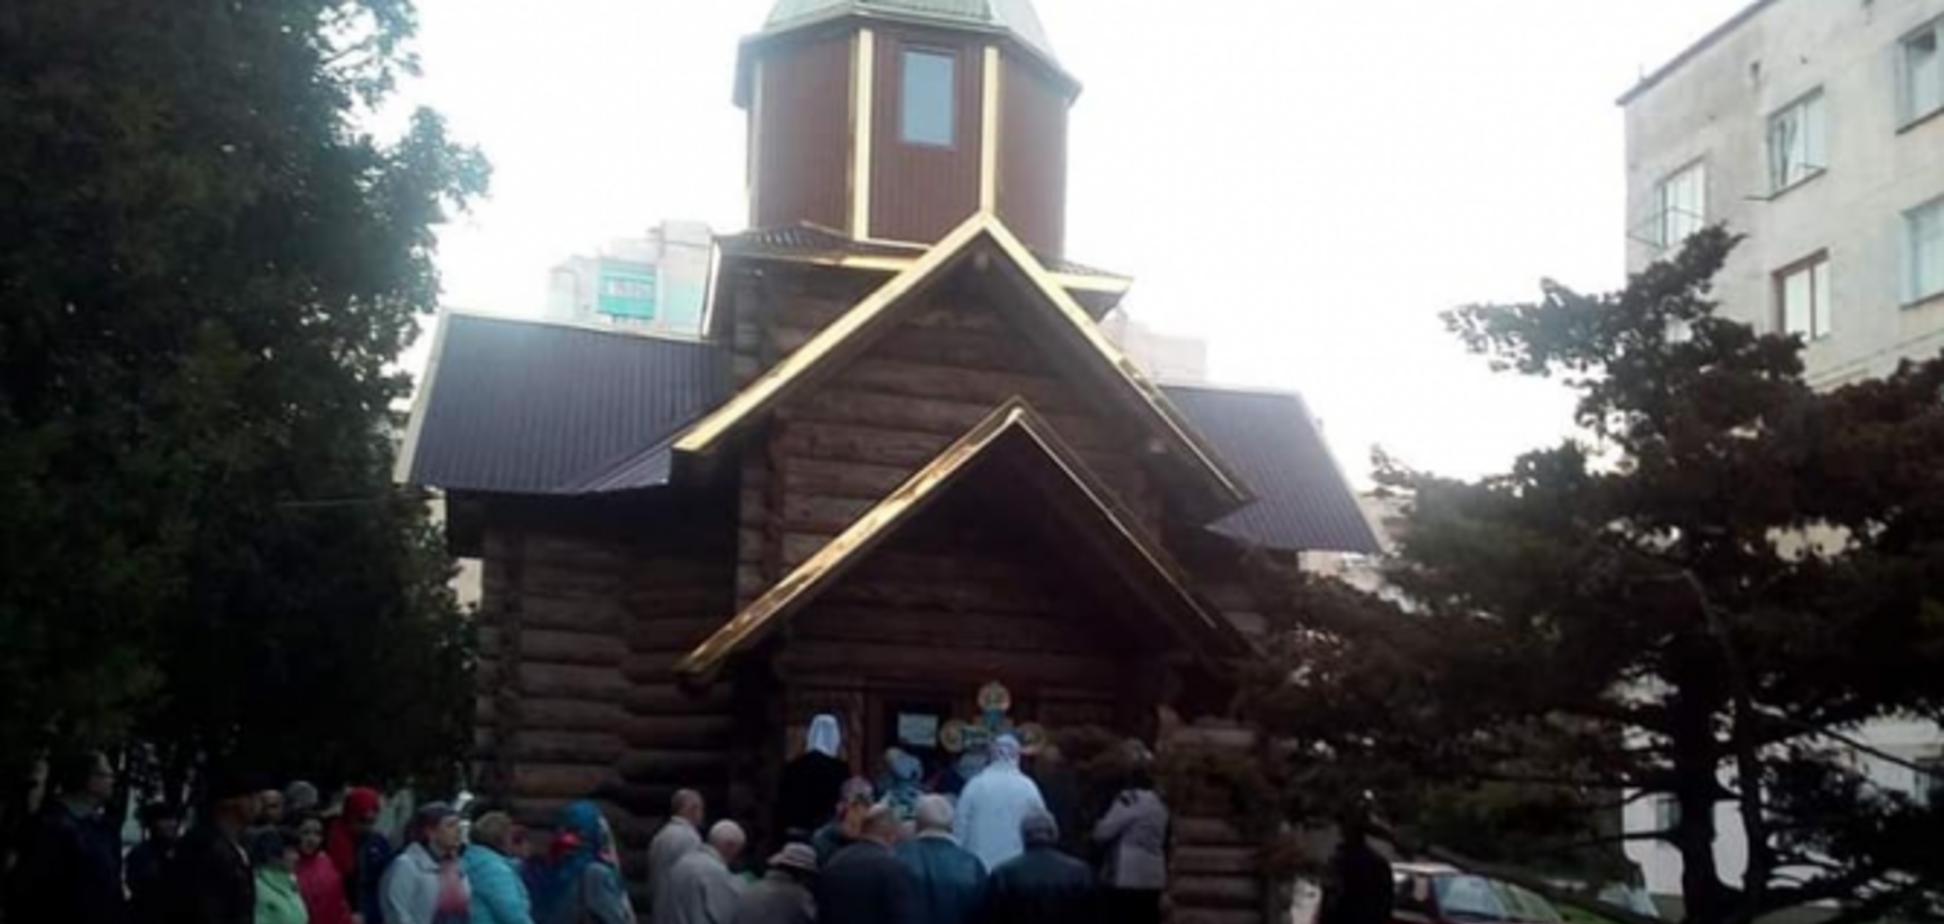 Архієпископ Климент отримав постанову 'кримського суду' про знесення храму ПЦУ в Євпаторії